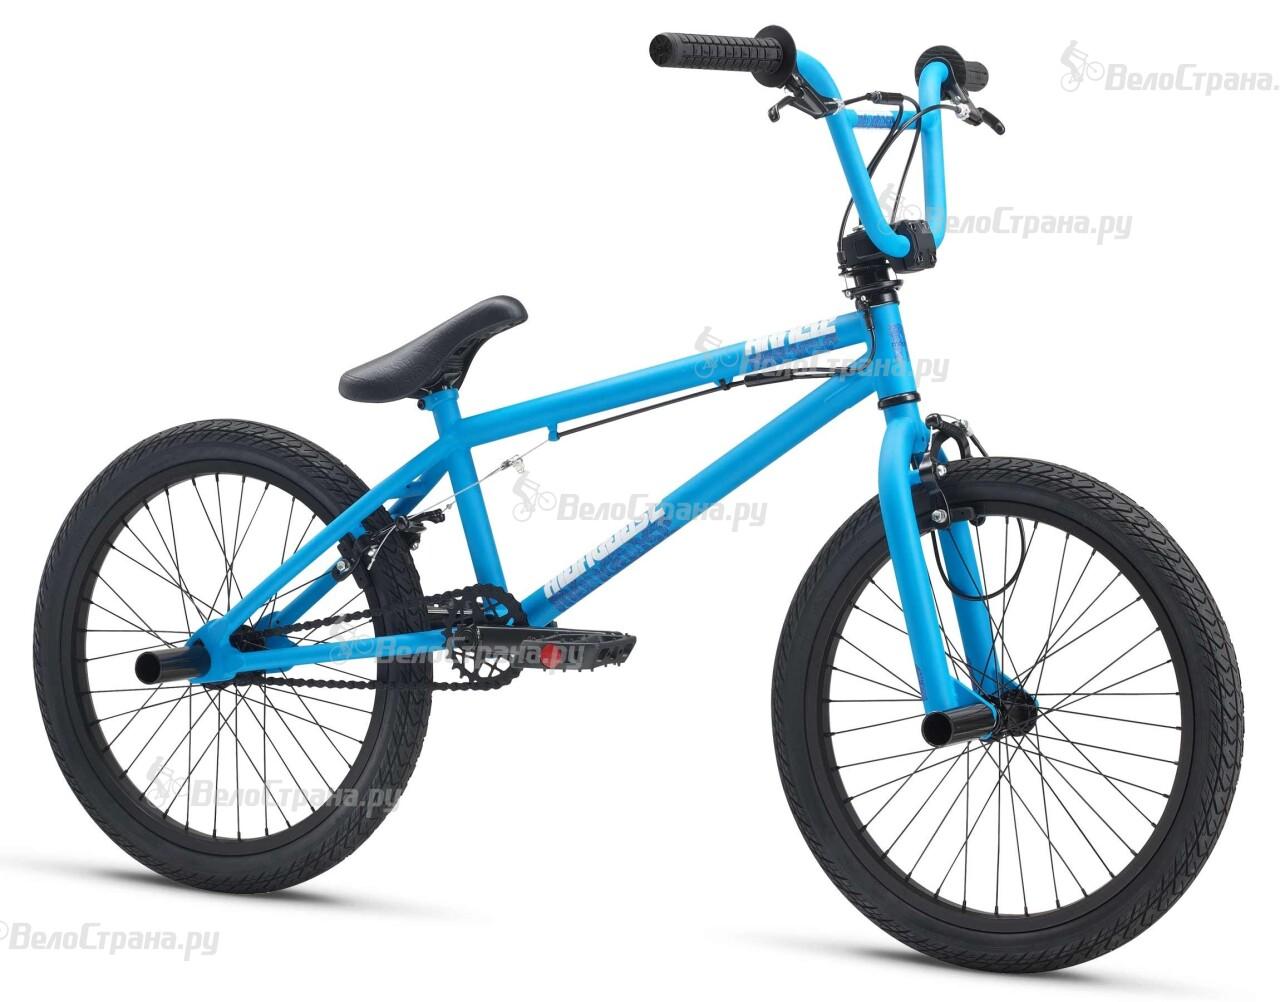 Велосипед Mongoose Meteore Expert 29'R (2013) велосипед mongoose crossway 350 disc 2013